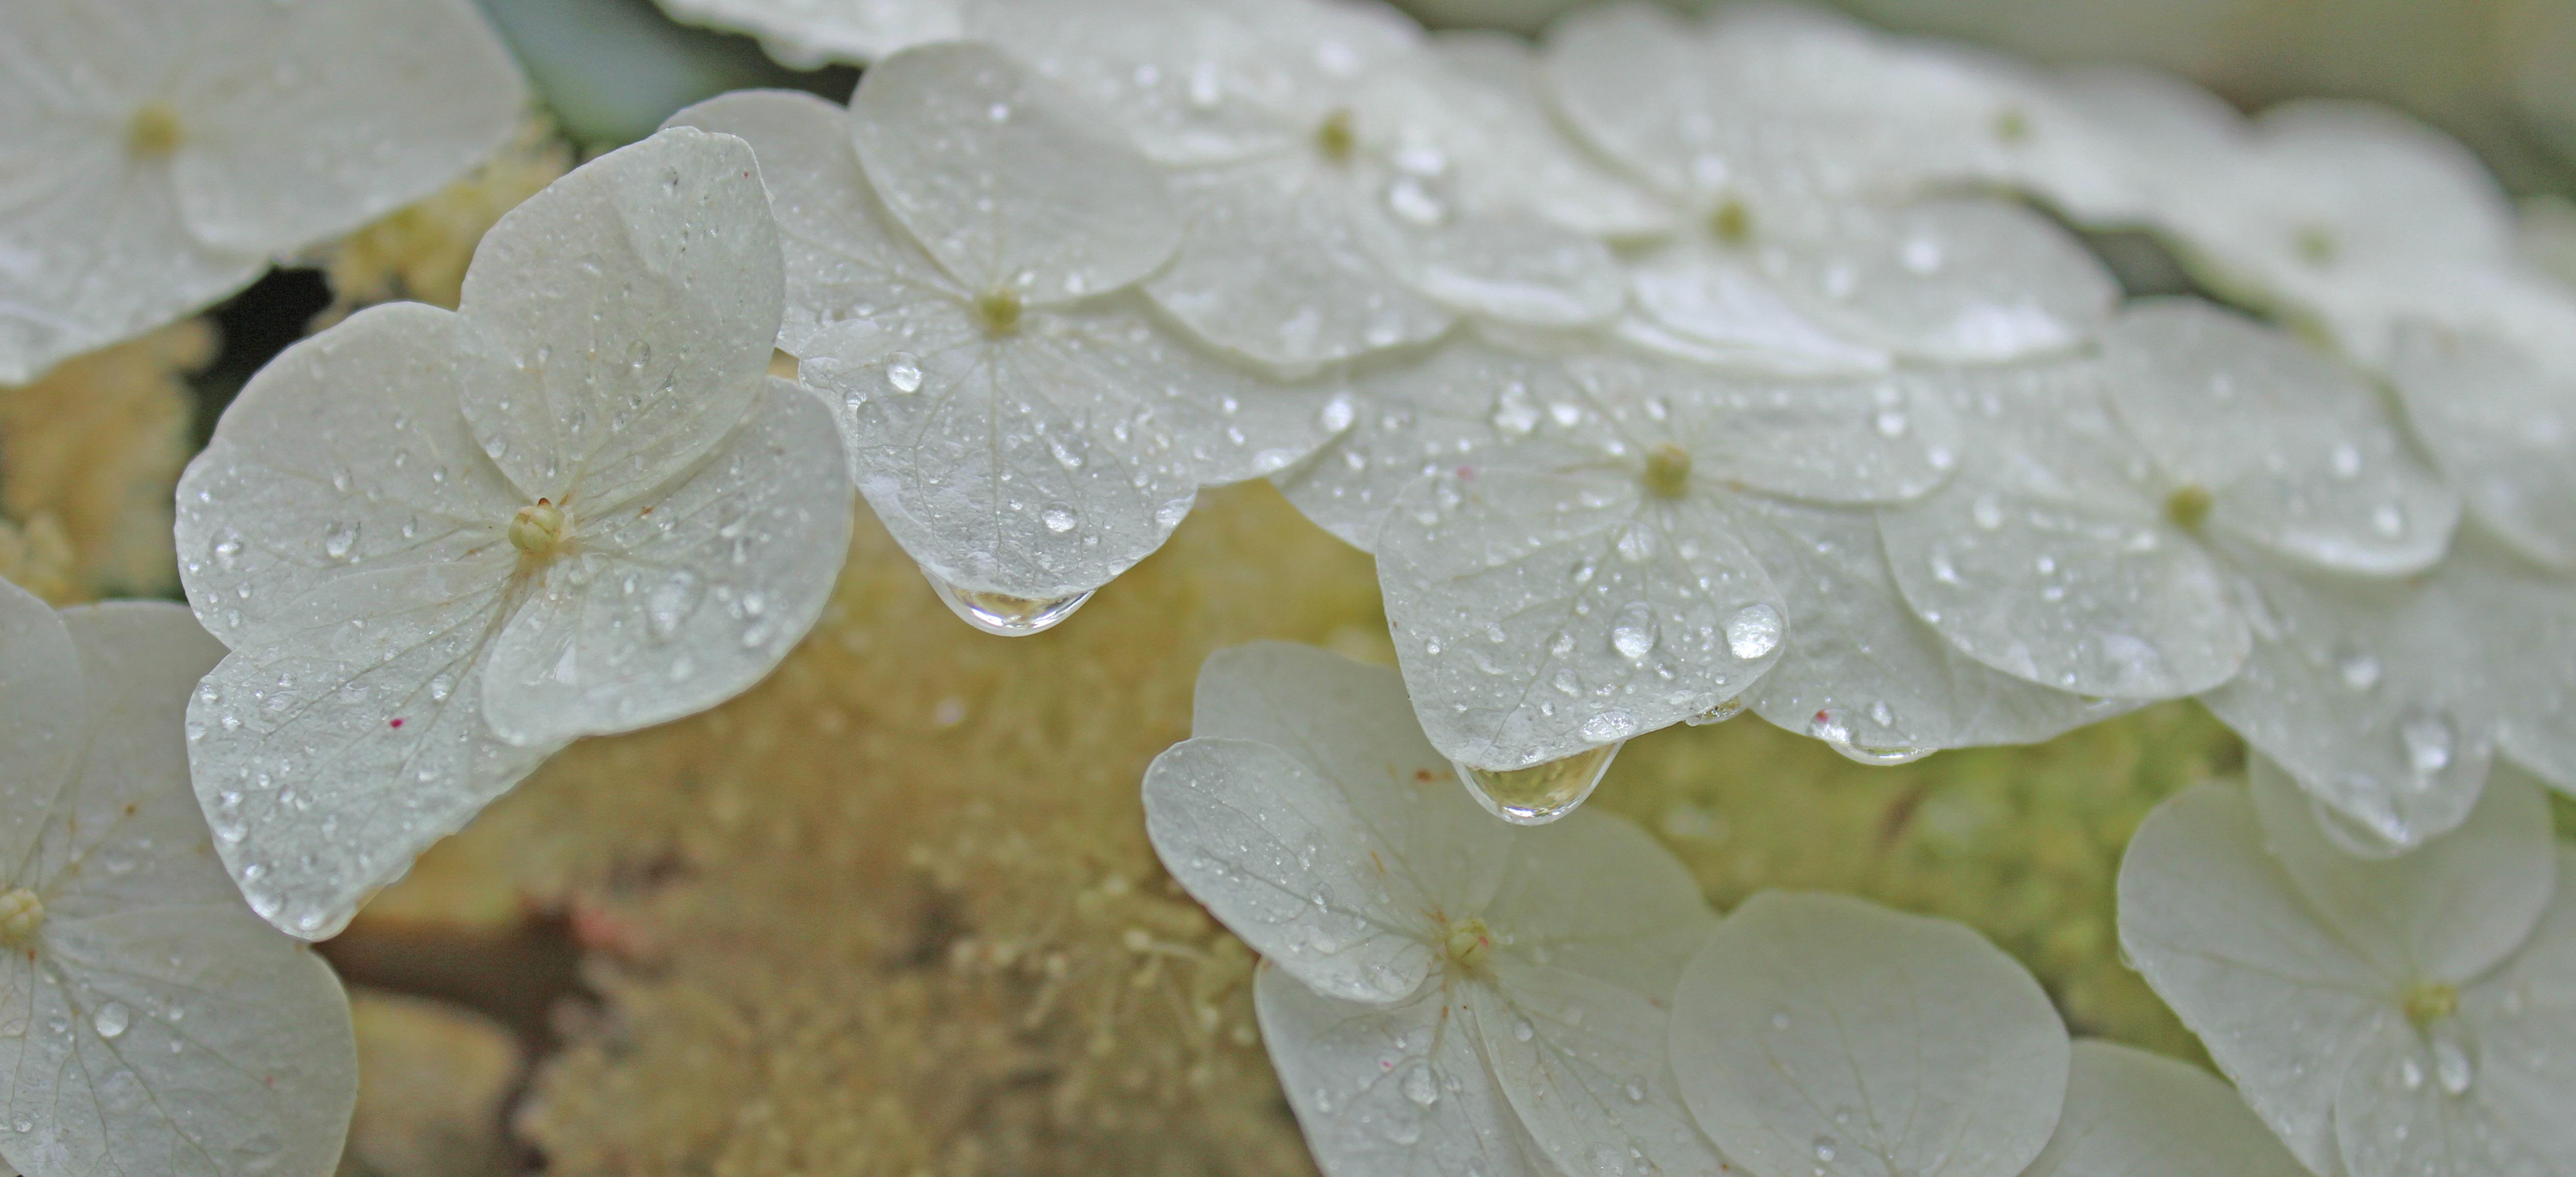 Oakleaf Hydrangea flower detail